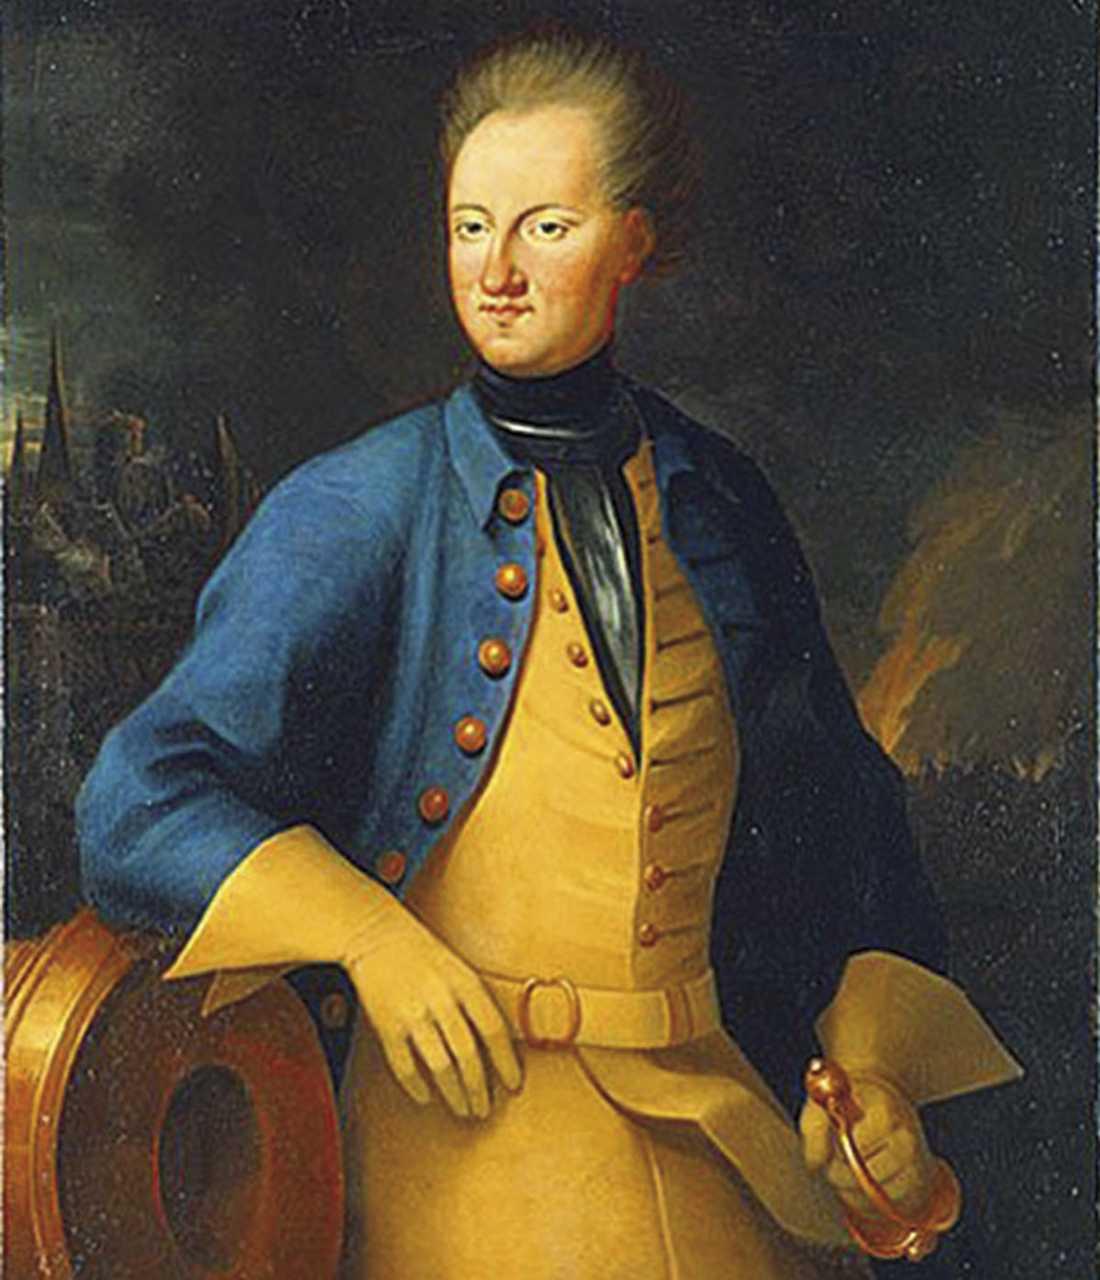 Karl XII, kung Sverige, (17 juni 1682-30 november 1718)